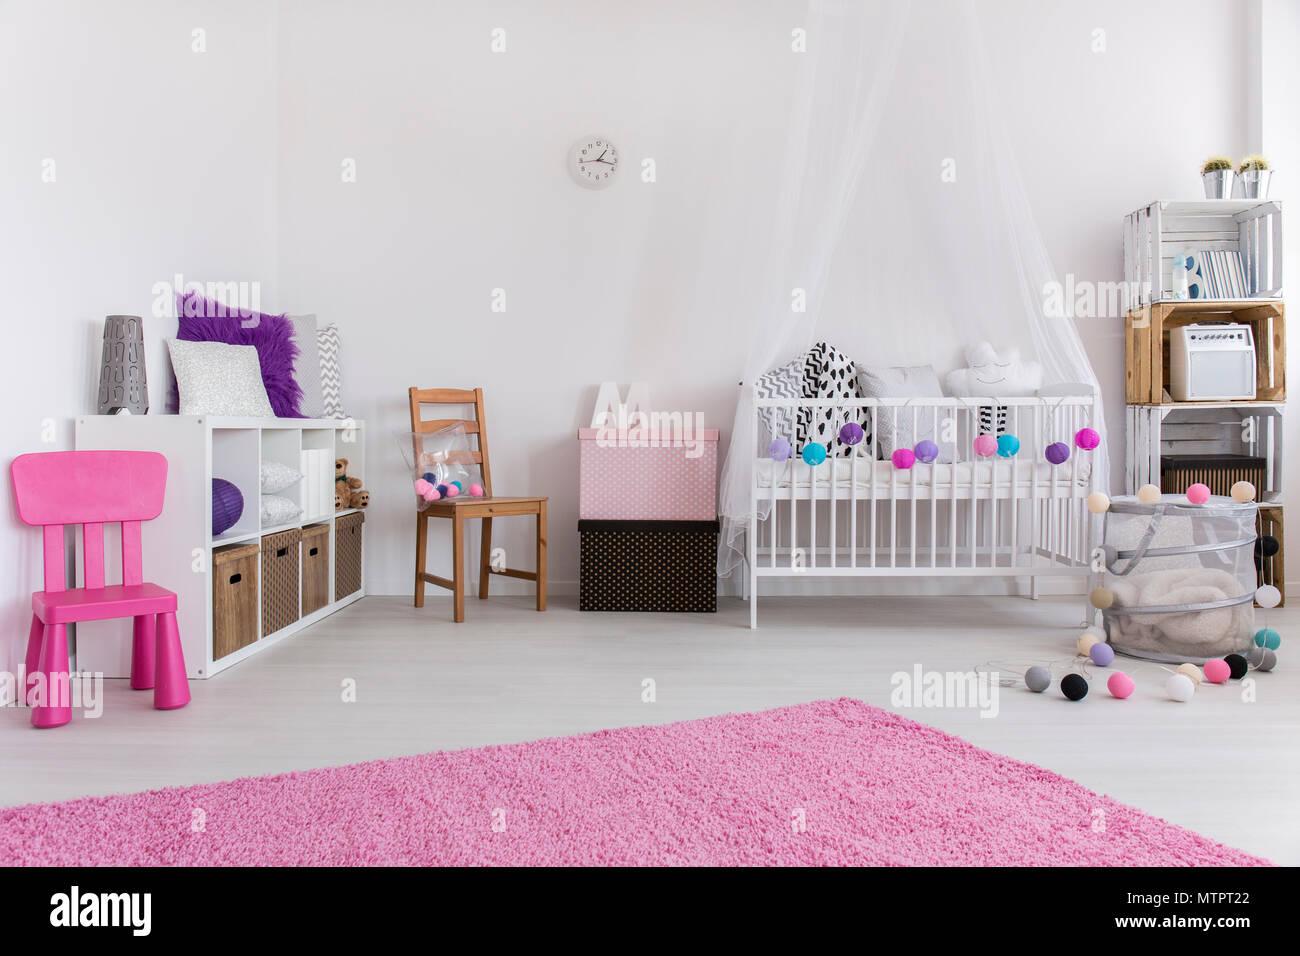 Parete Camera Da Letto Rosa : Carino rosa e bianco camera da letto progettato per la piccola